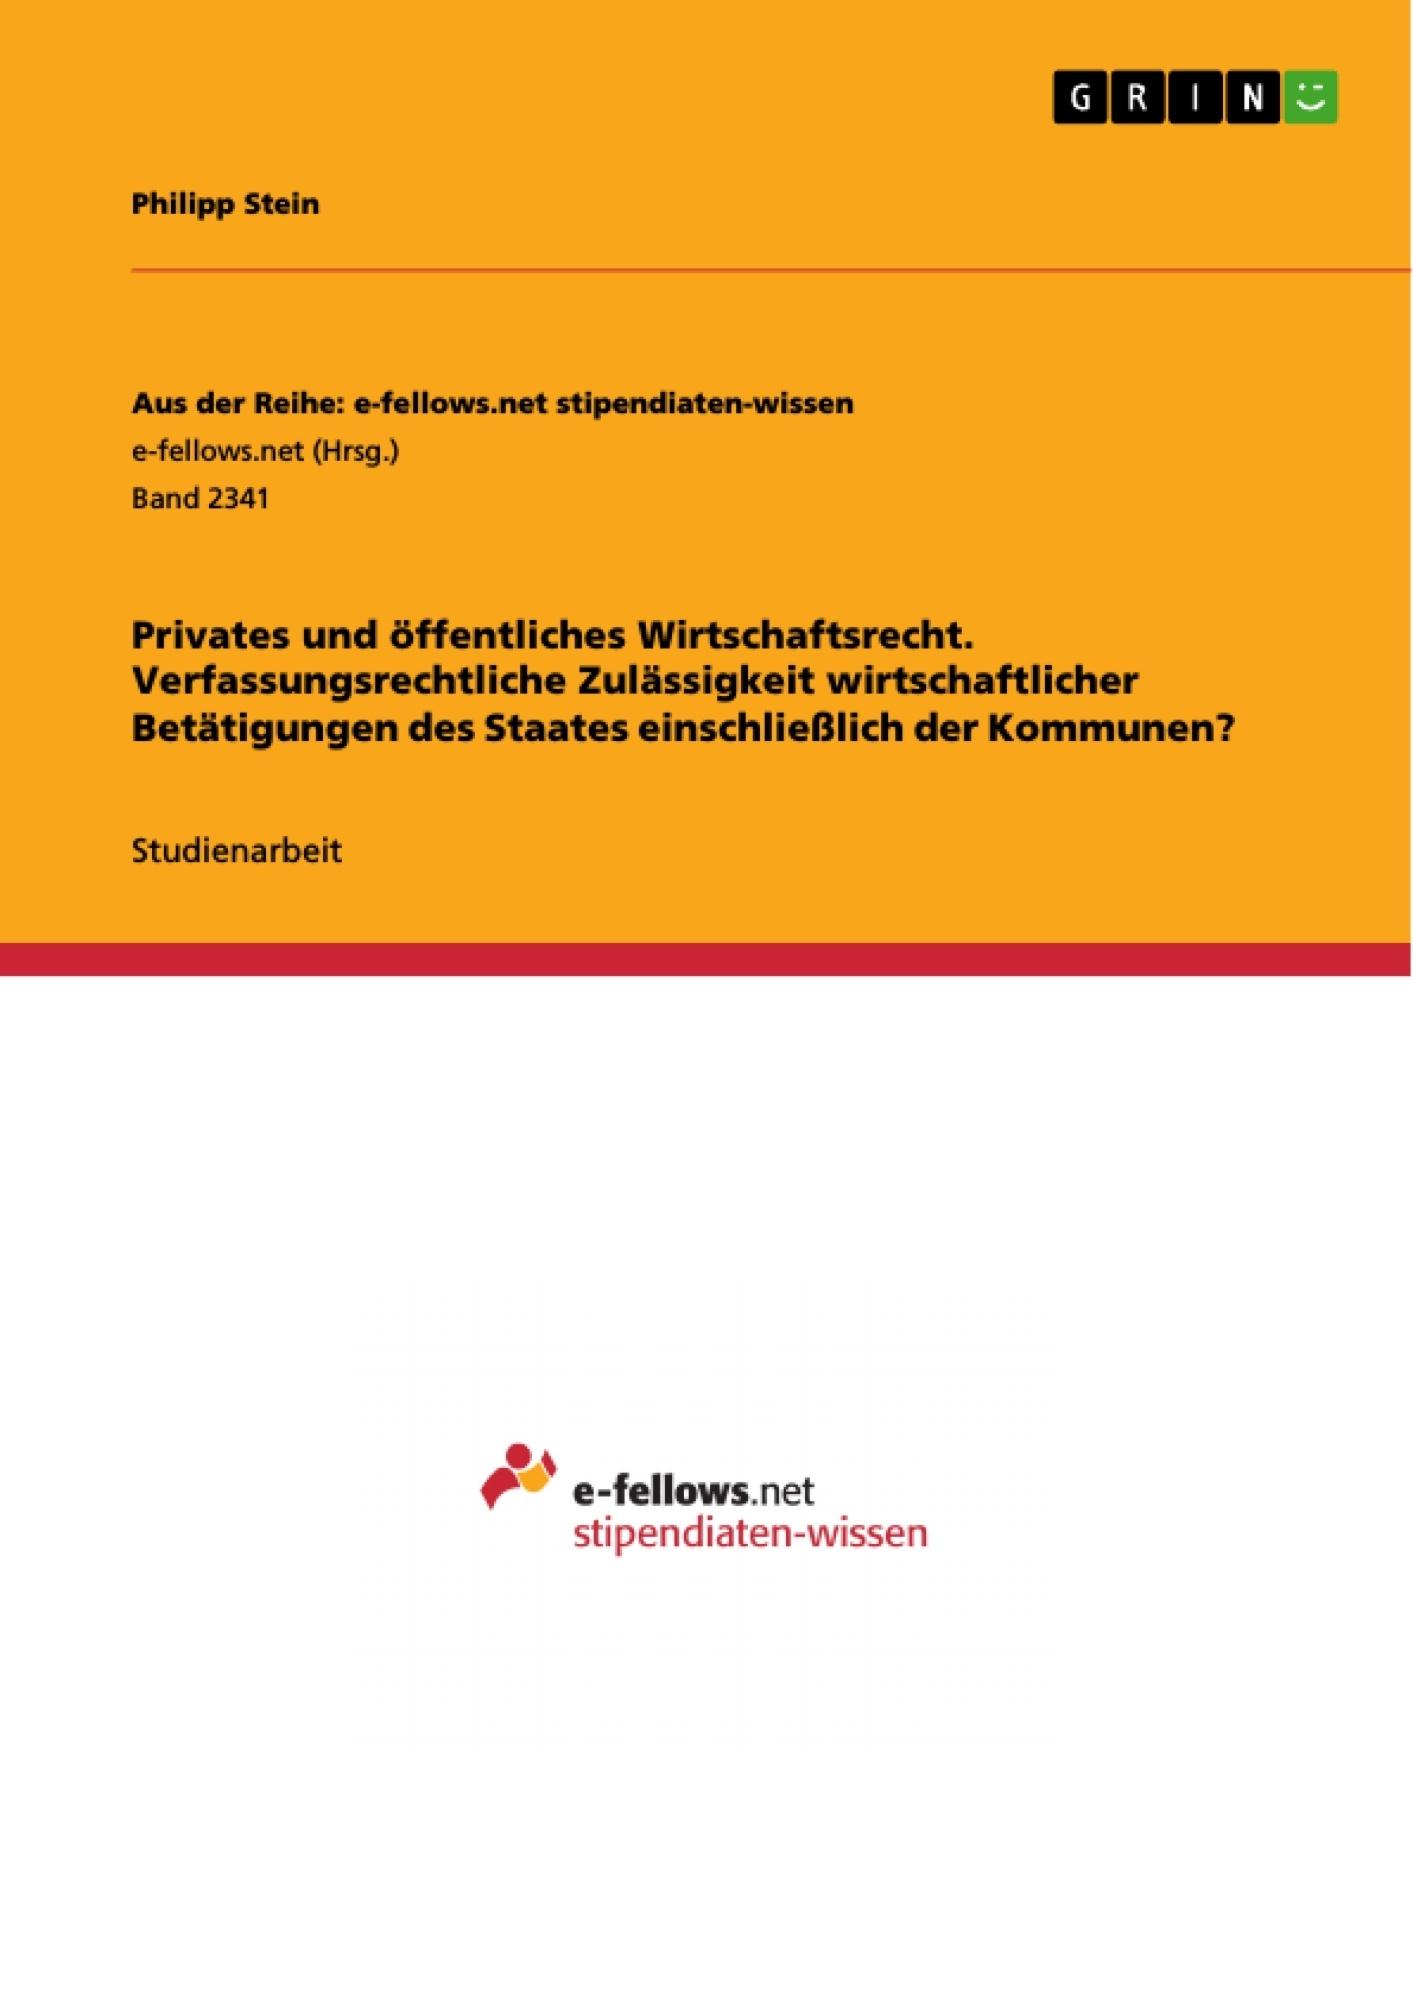 Titel: Privates und öffentliches Wirtschaftsrecht. Verfassungsrechtliche Zulässigkeit wirtschaftlicher Betätigungen des Staates einschließlich der Kommunen?